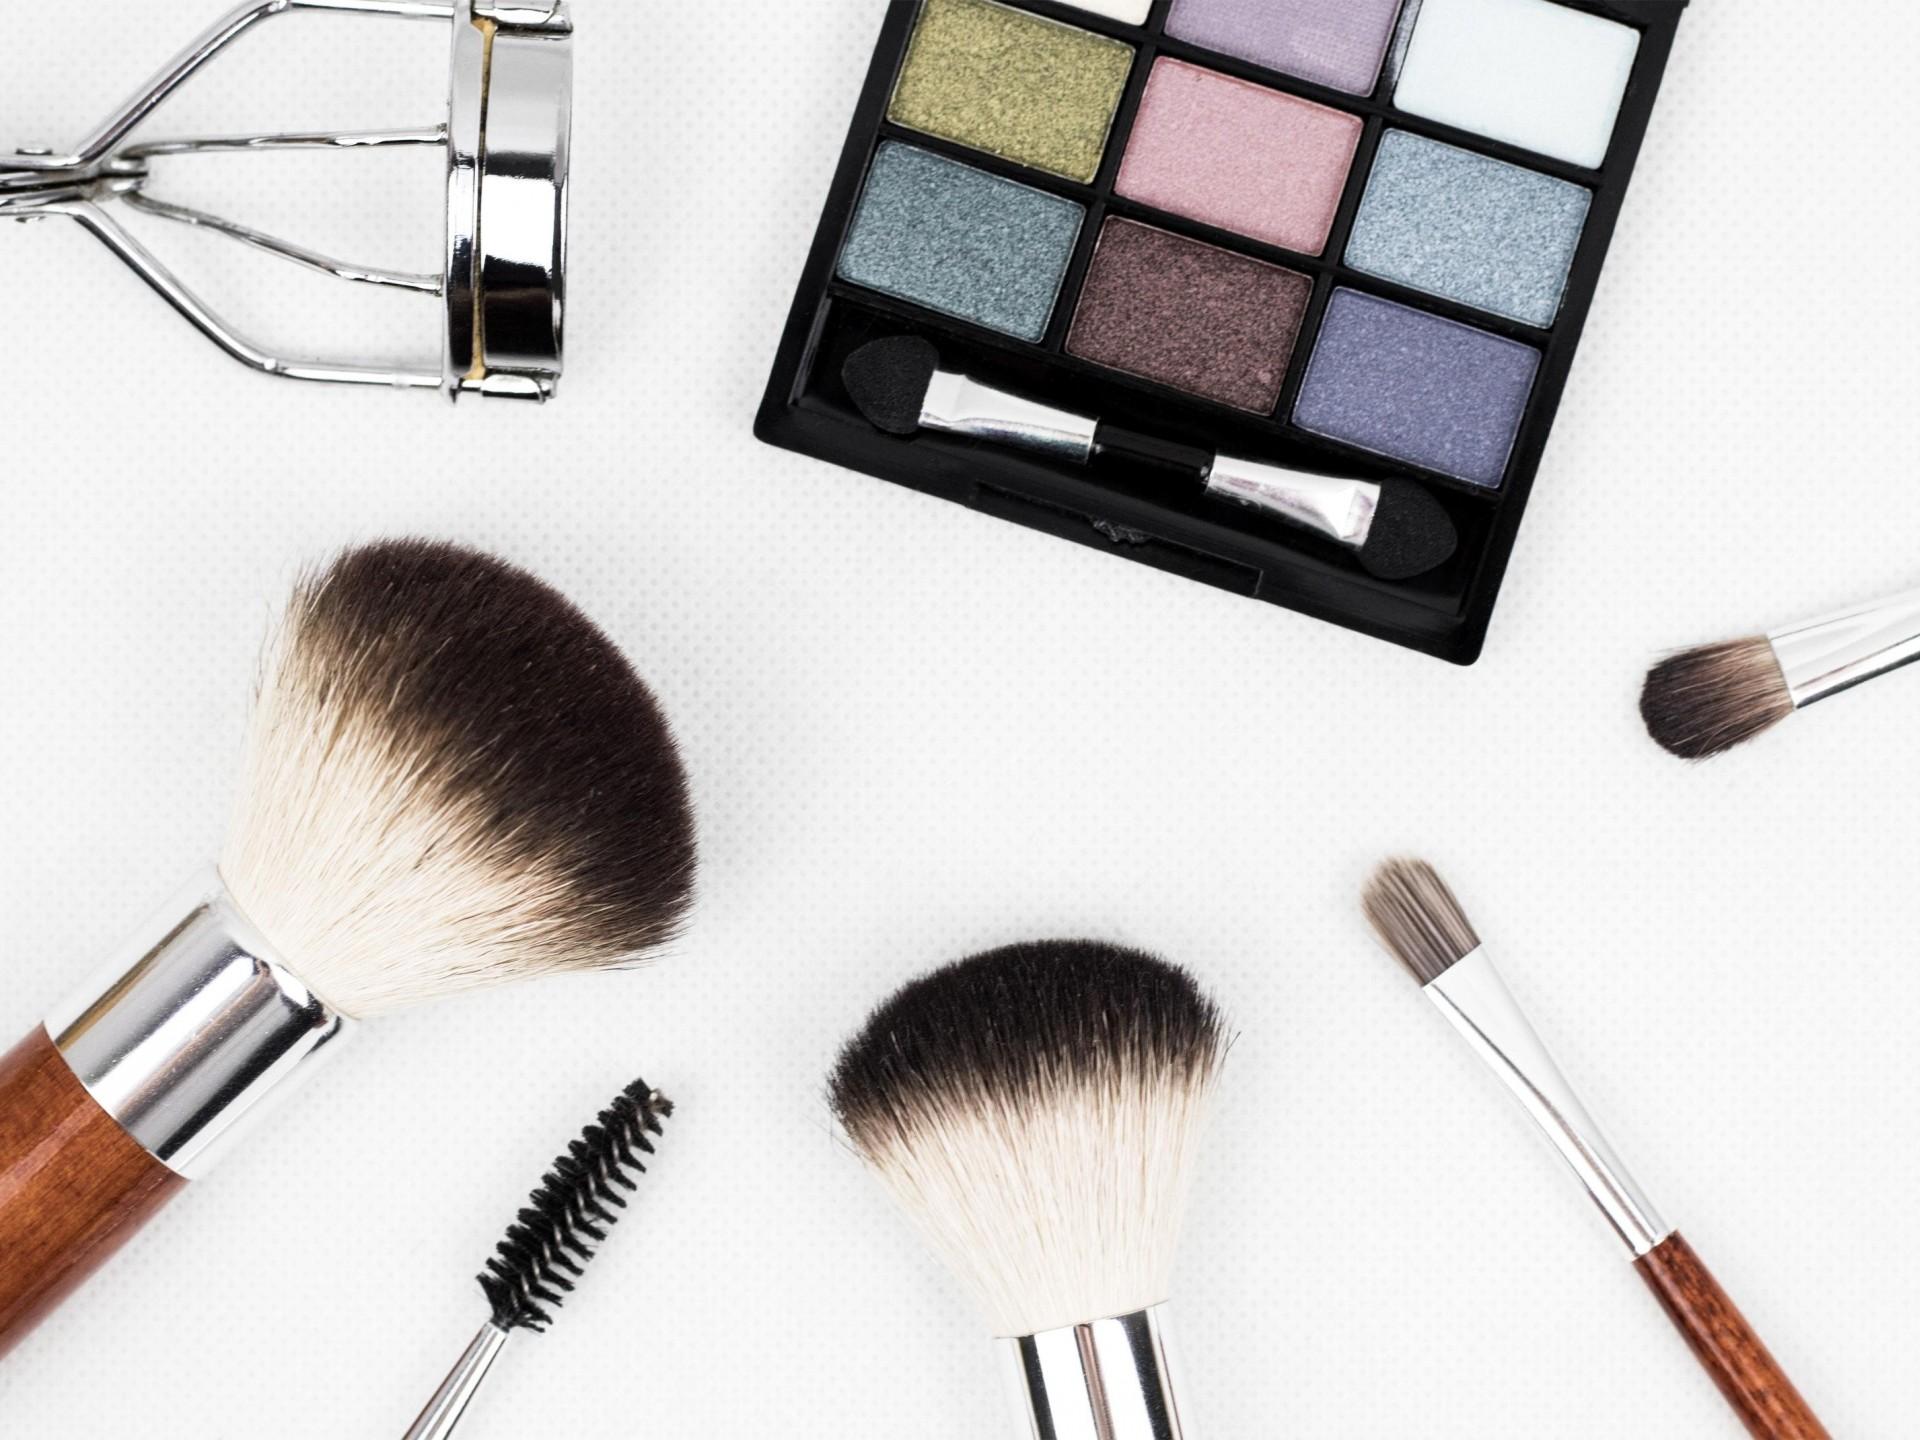 Multi Award Winning Hair, Beauty, Makeup, IPL Laser - Under Management